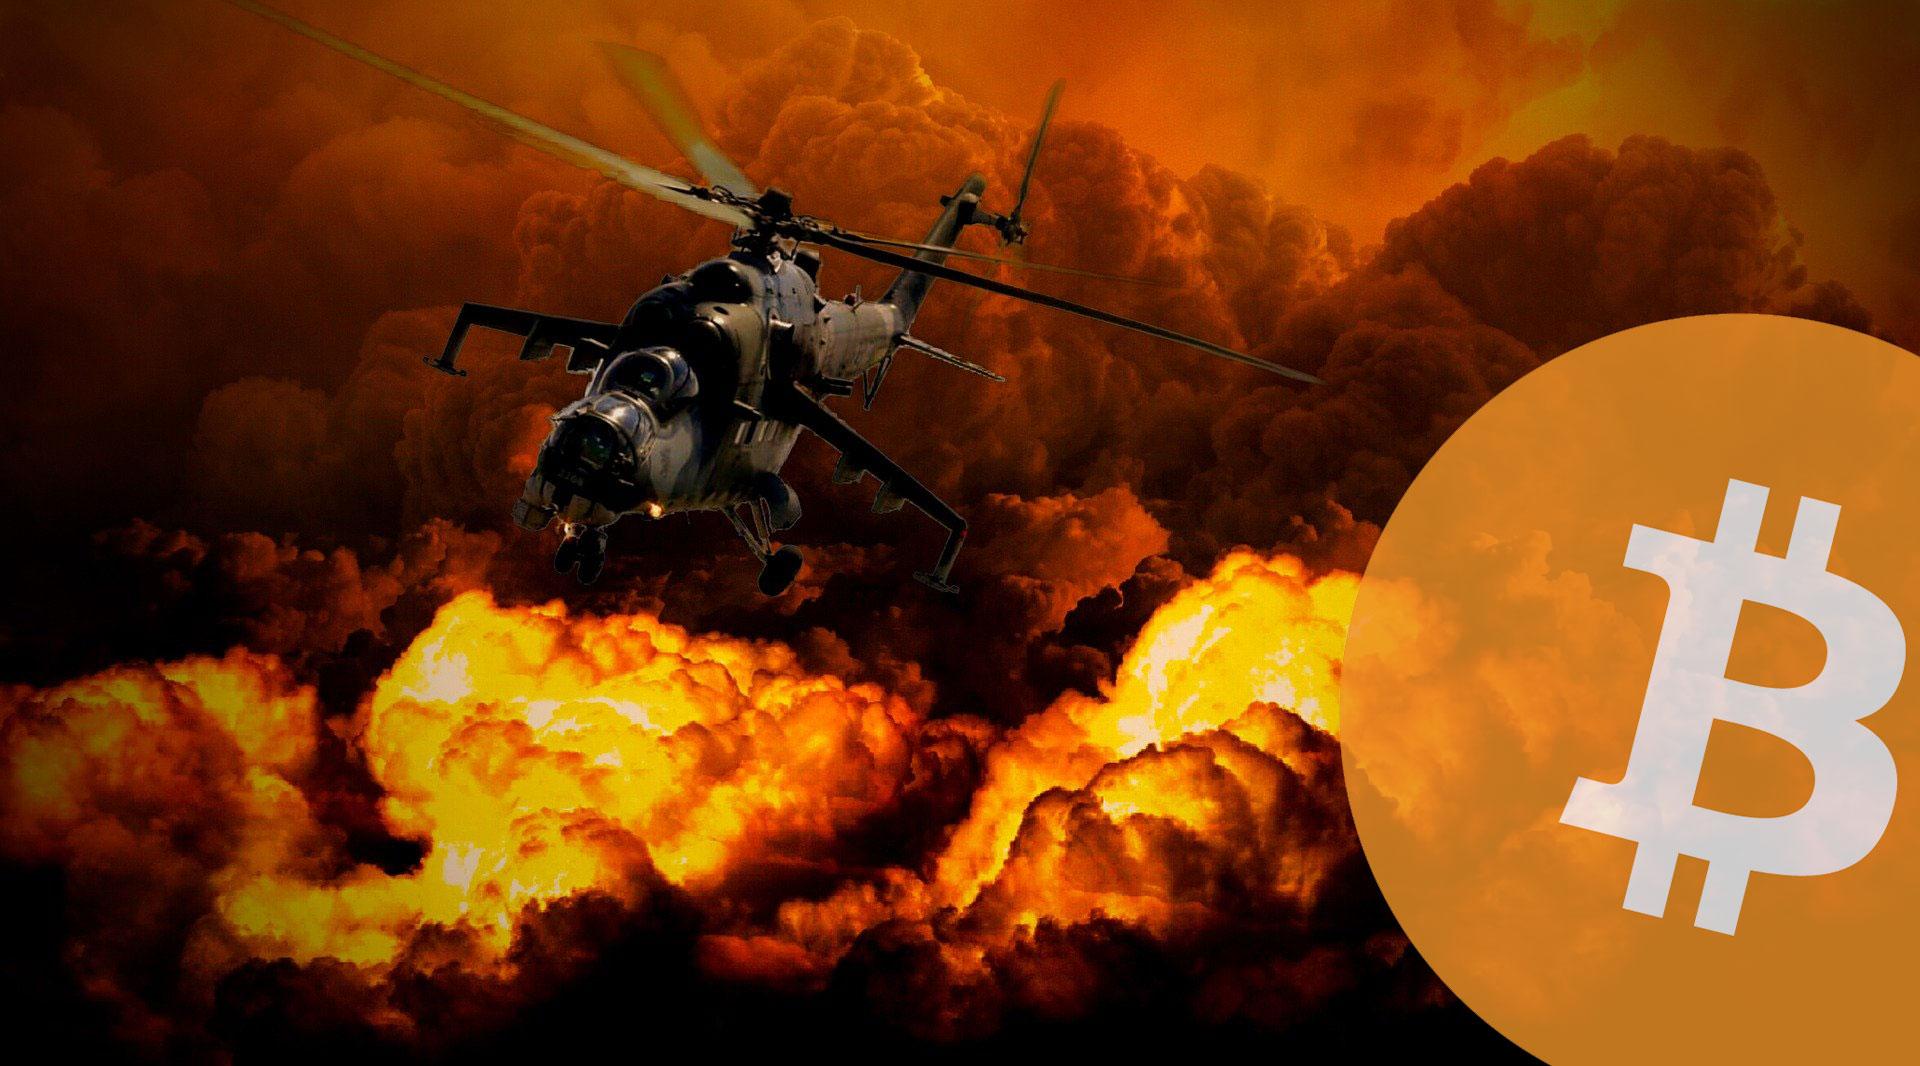 イランのミサイル攻撃後、ビットコイン(BTC)価格は8,400ドルに達する!